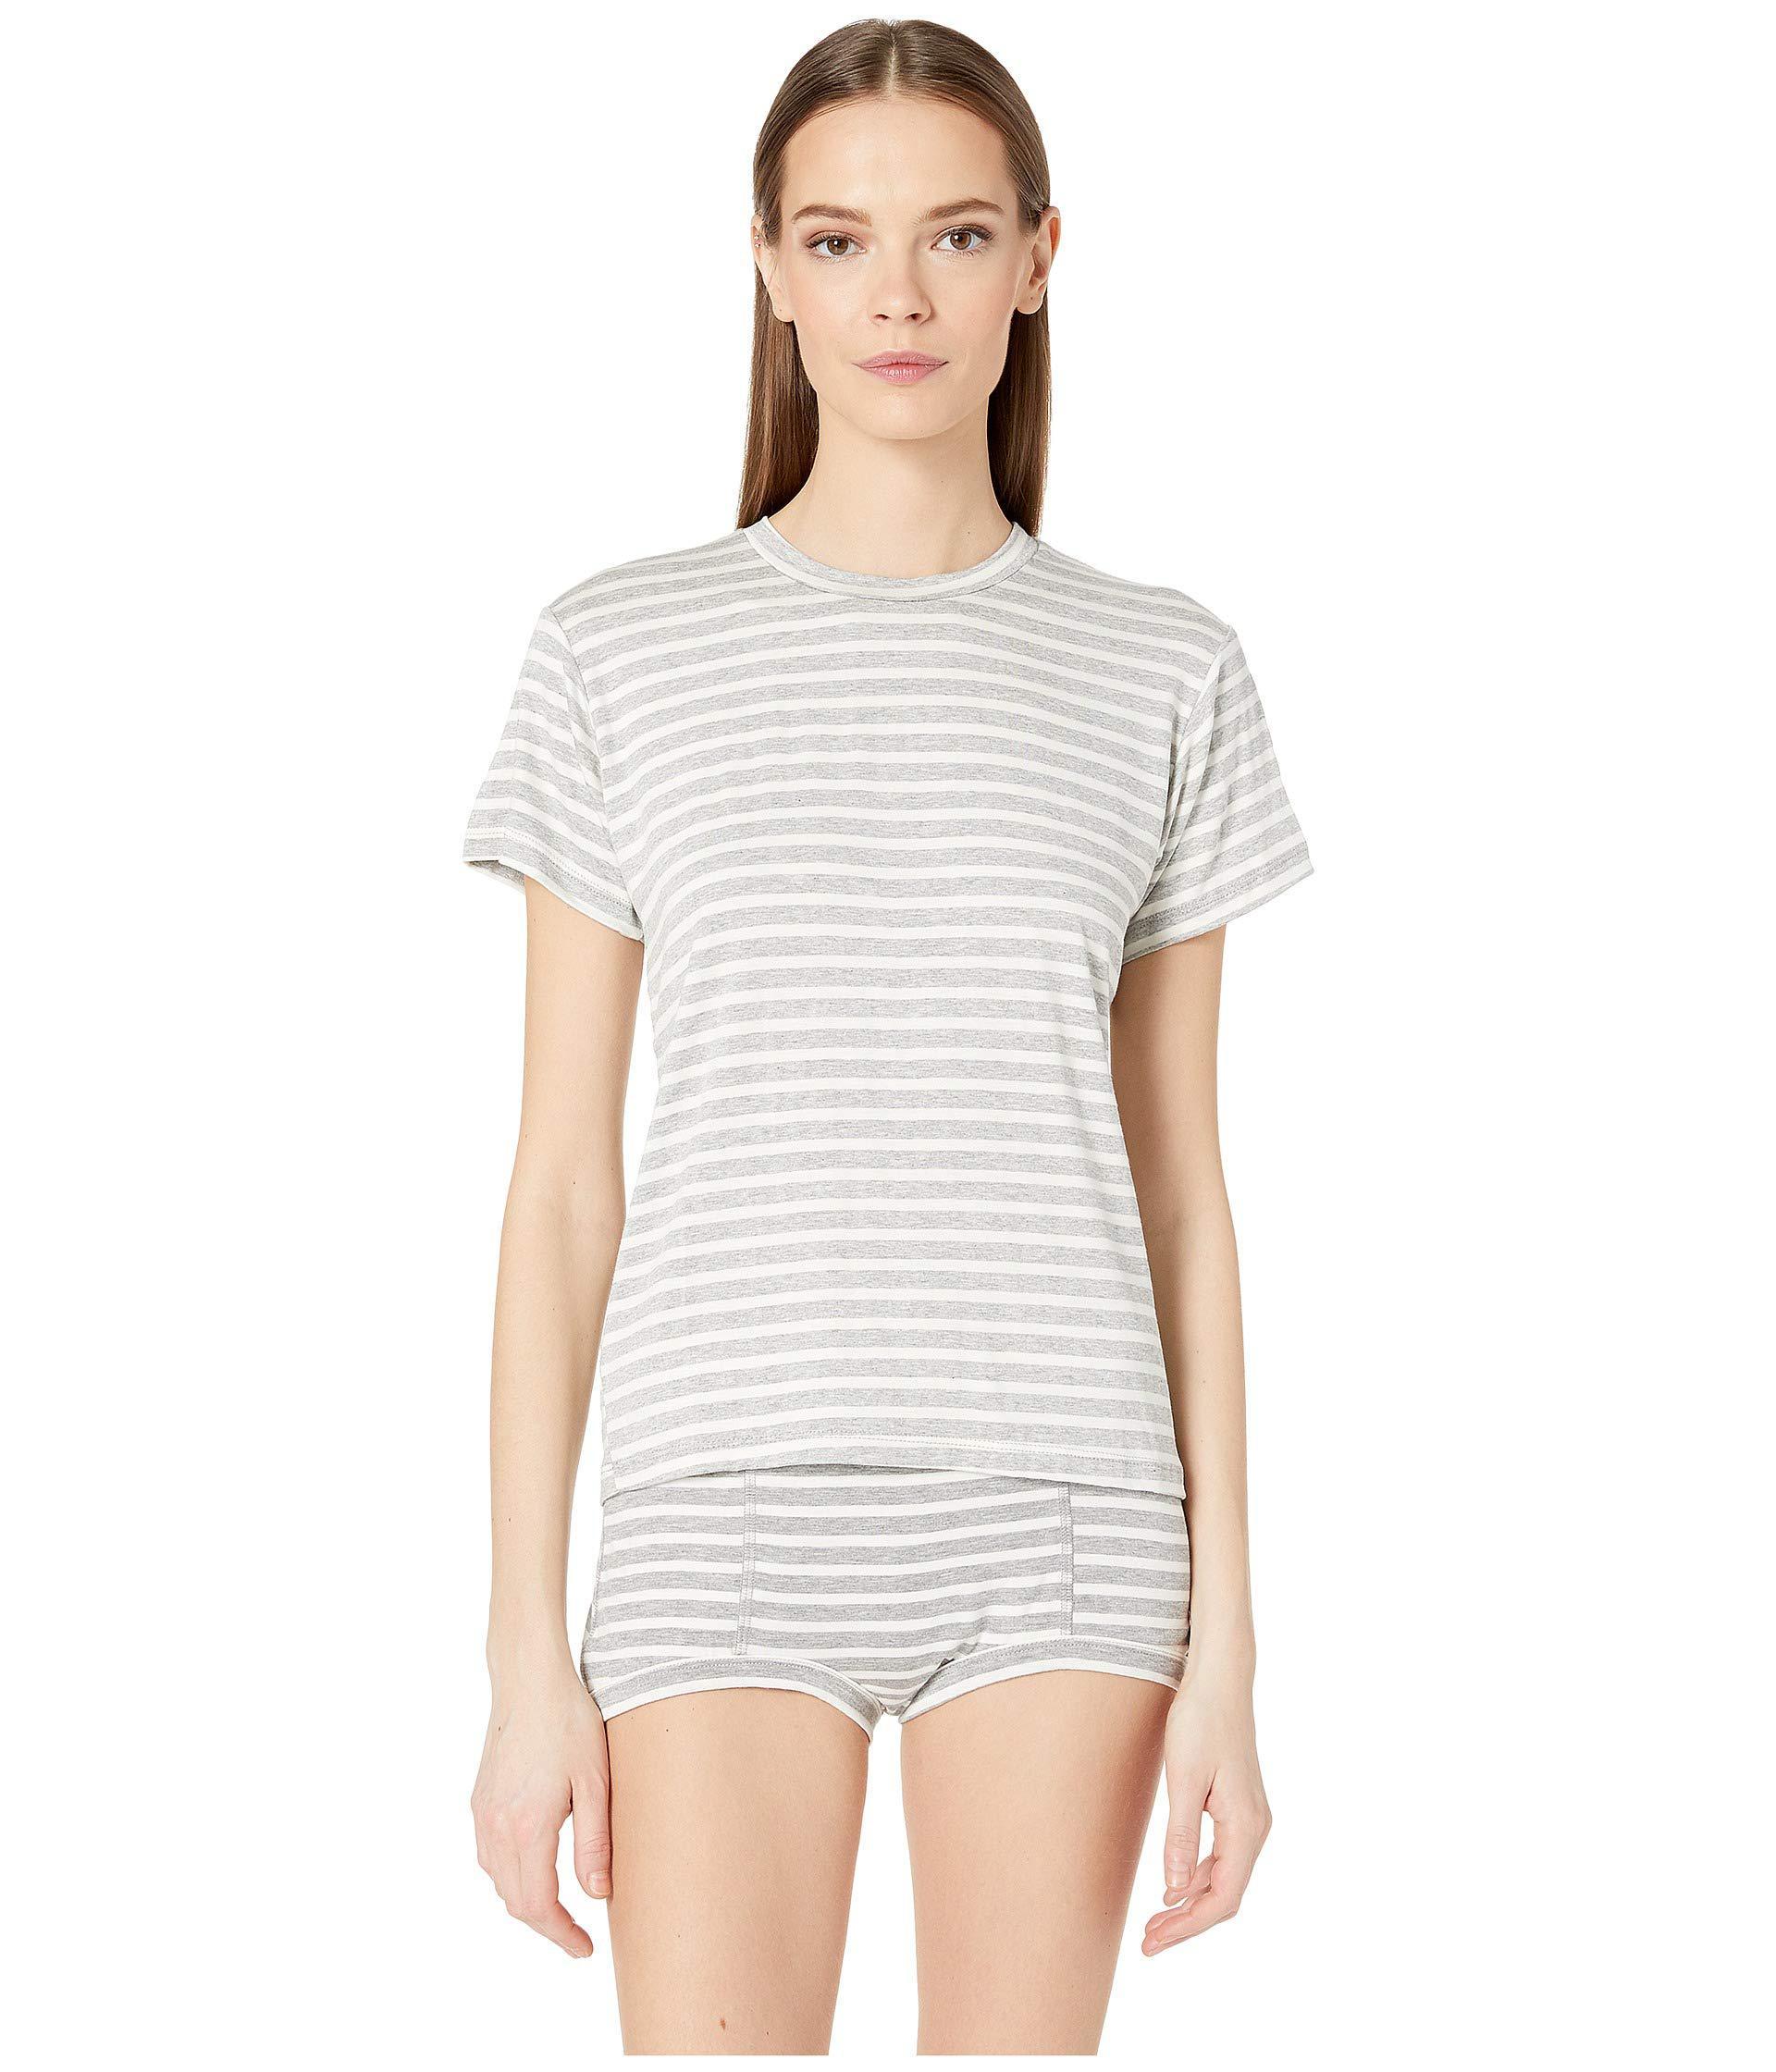 80bd2e3496c29 Womens Shorts And T Shirt Pajamas | Saddha